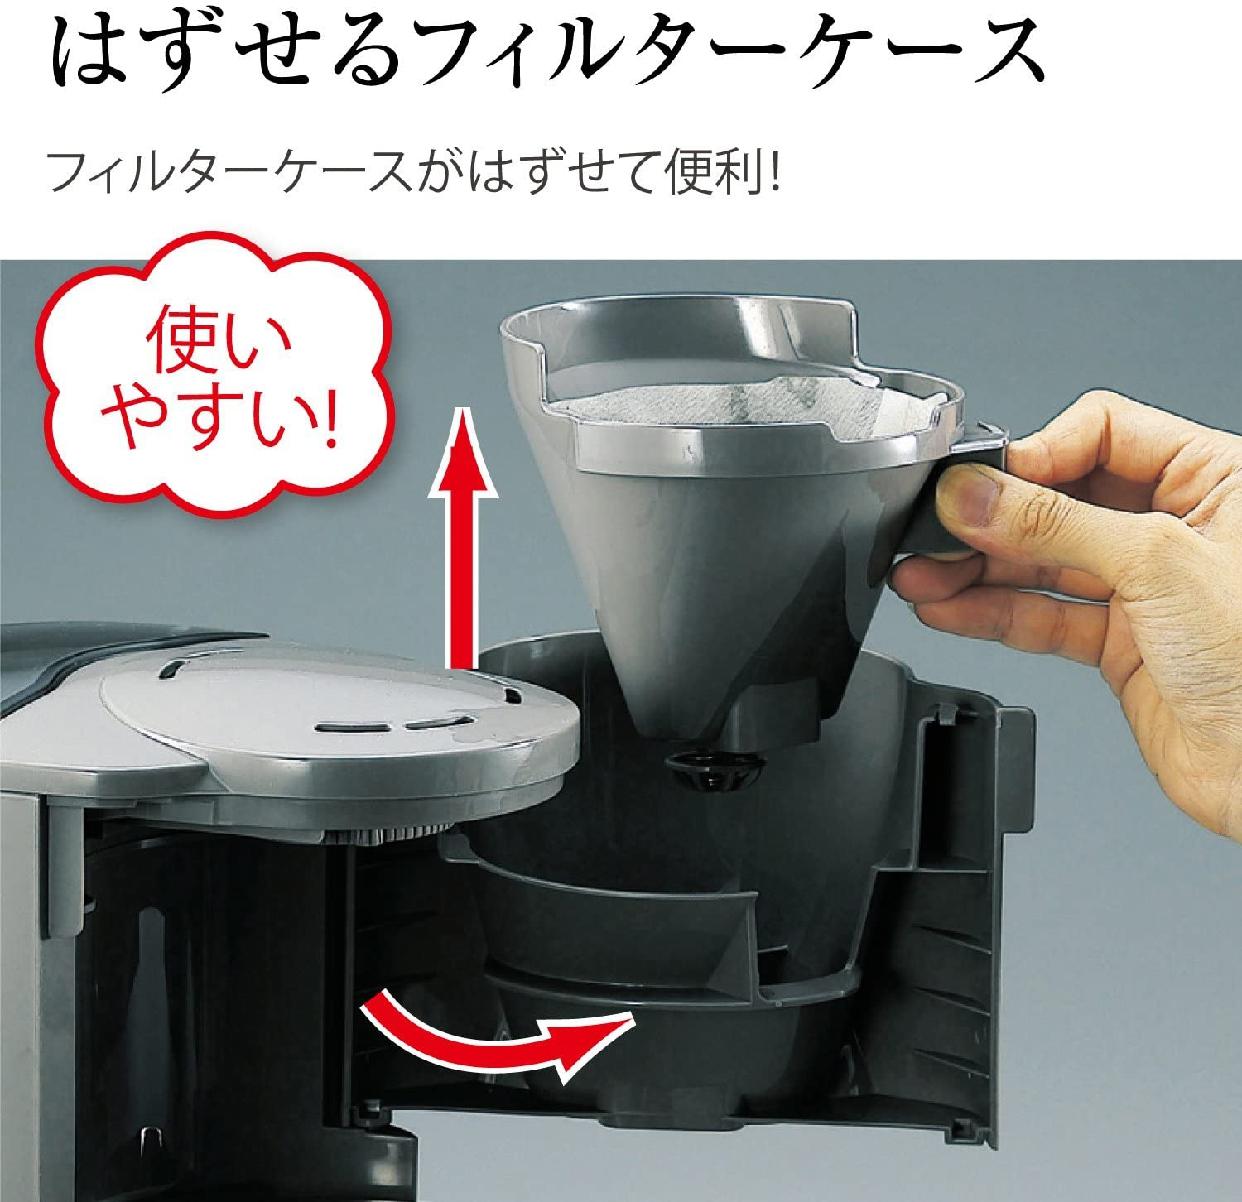 象印(ZOJIRUSHI) コーヒーメーカー 珈琲通 EC-AS60の商品画像3